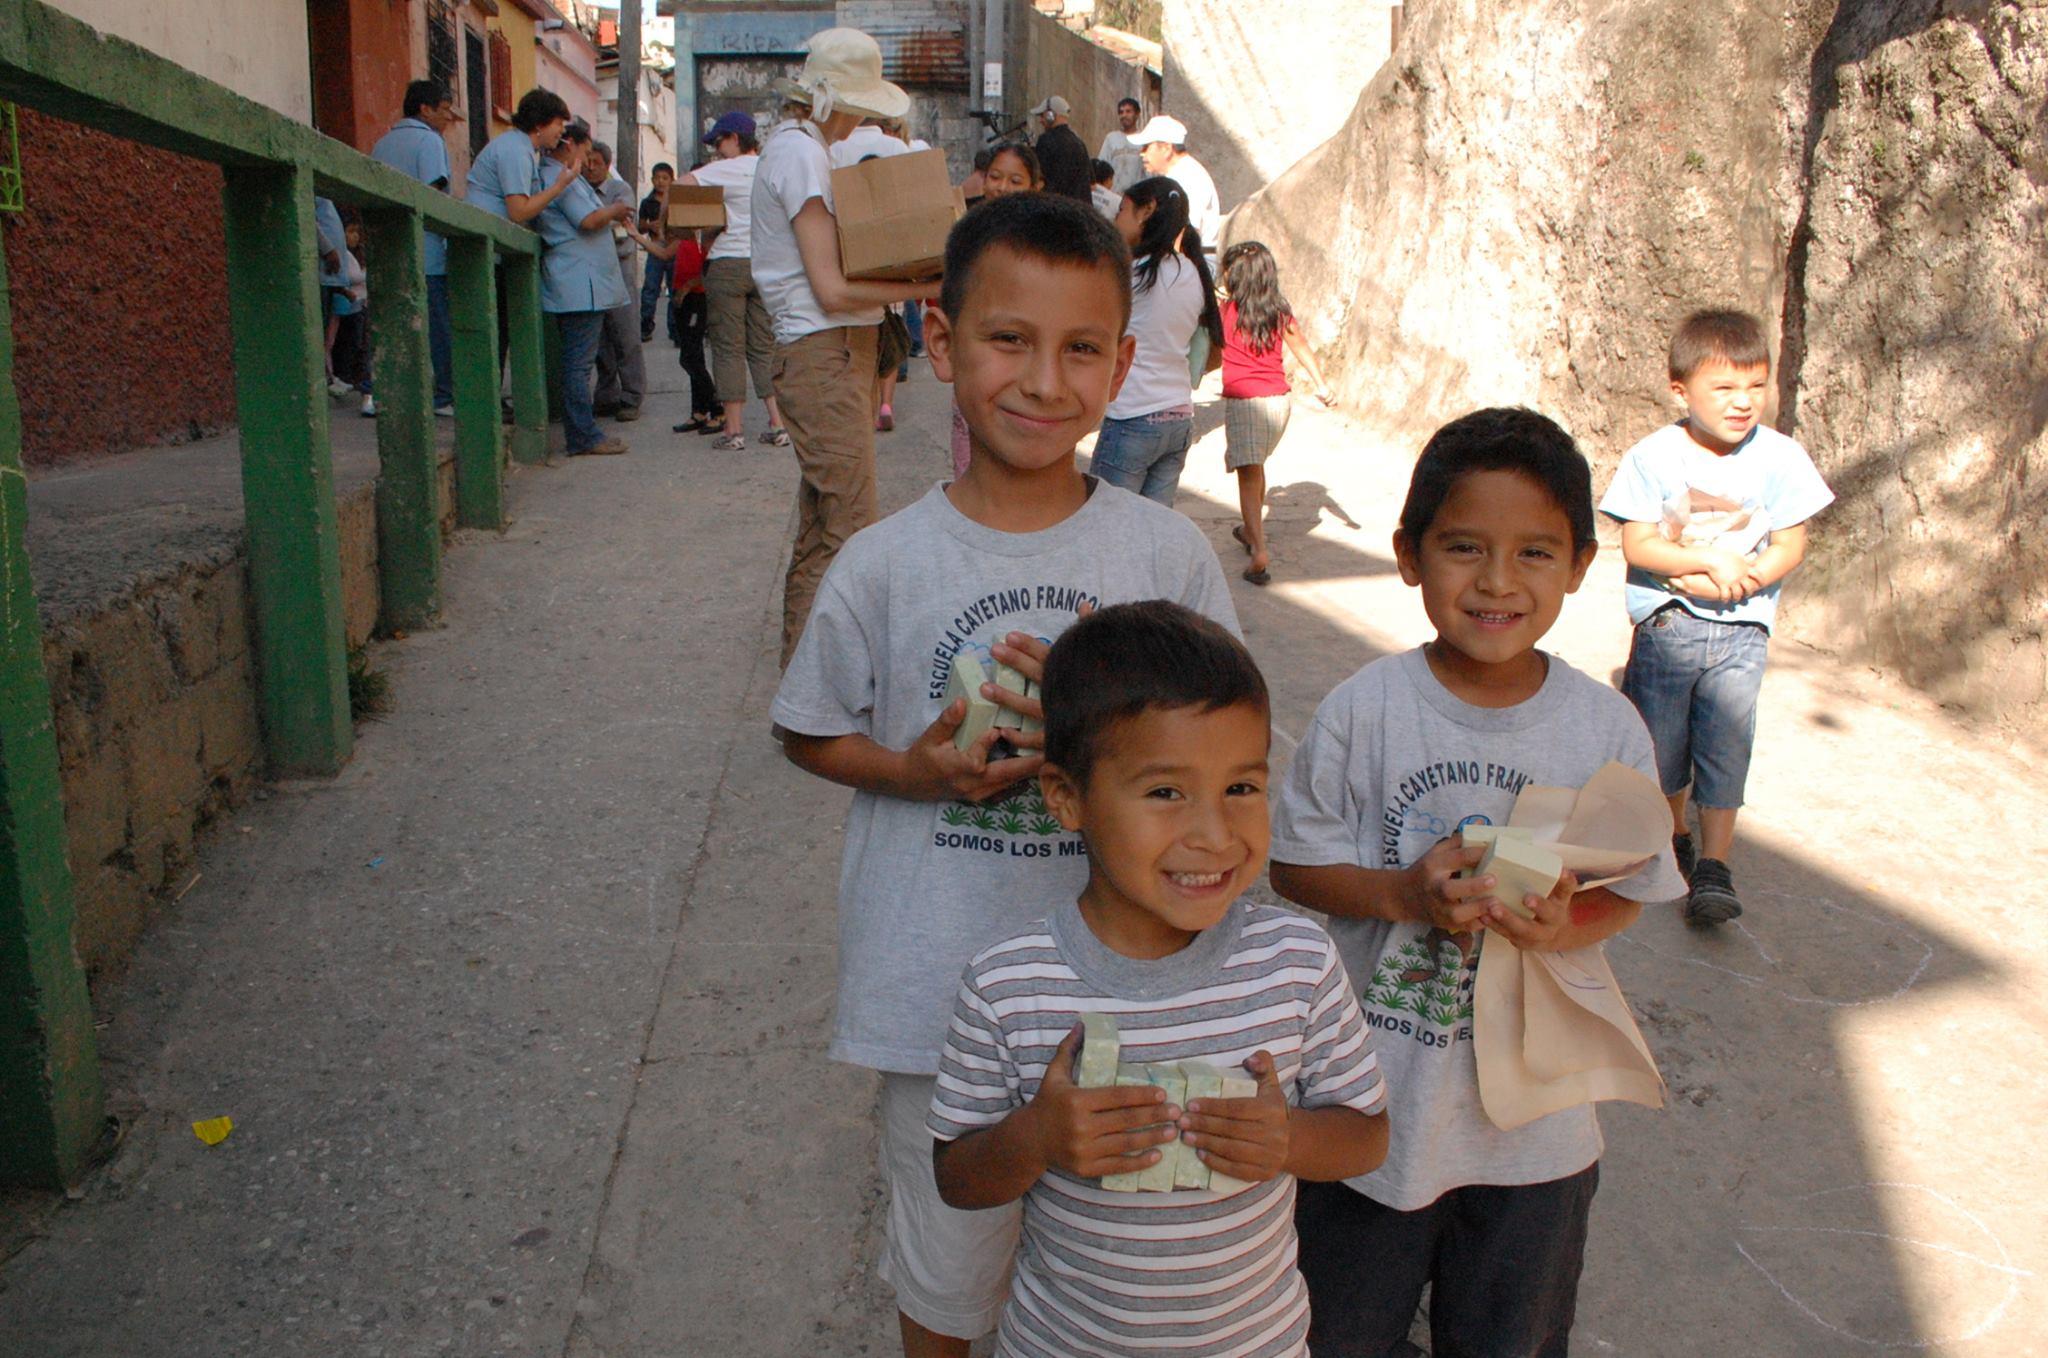 Tôi muốn đặt một bánh xà bông vào tay từng đứa trẻ không có tiền mua